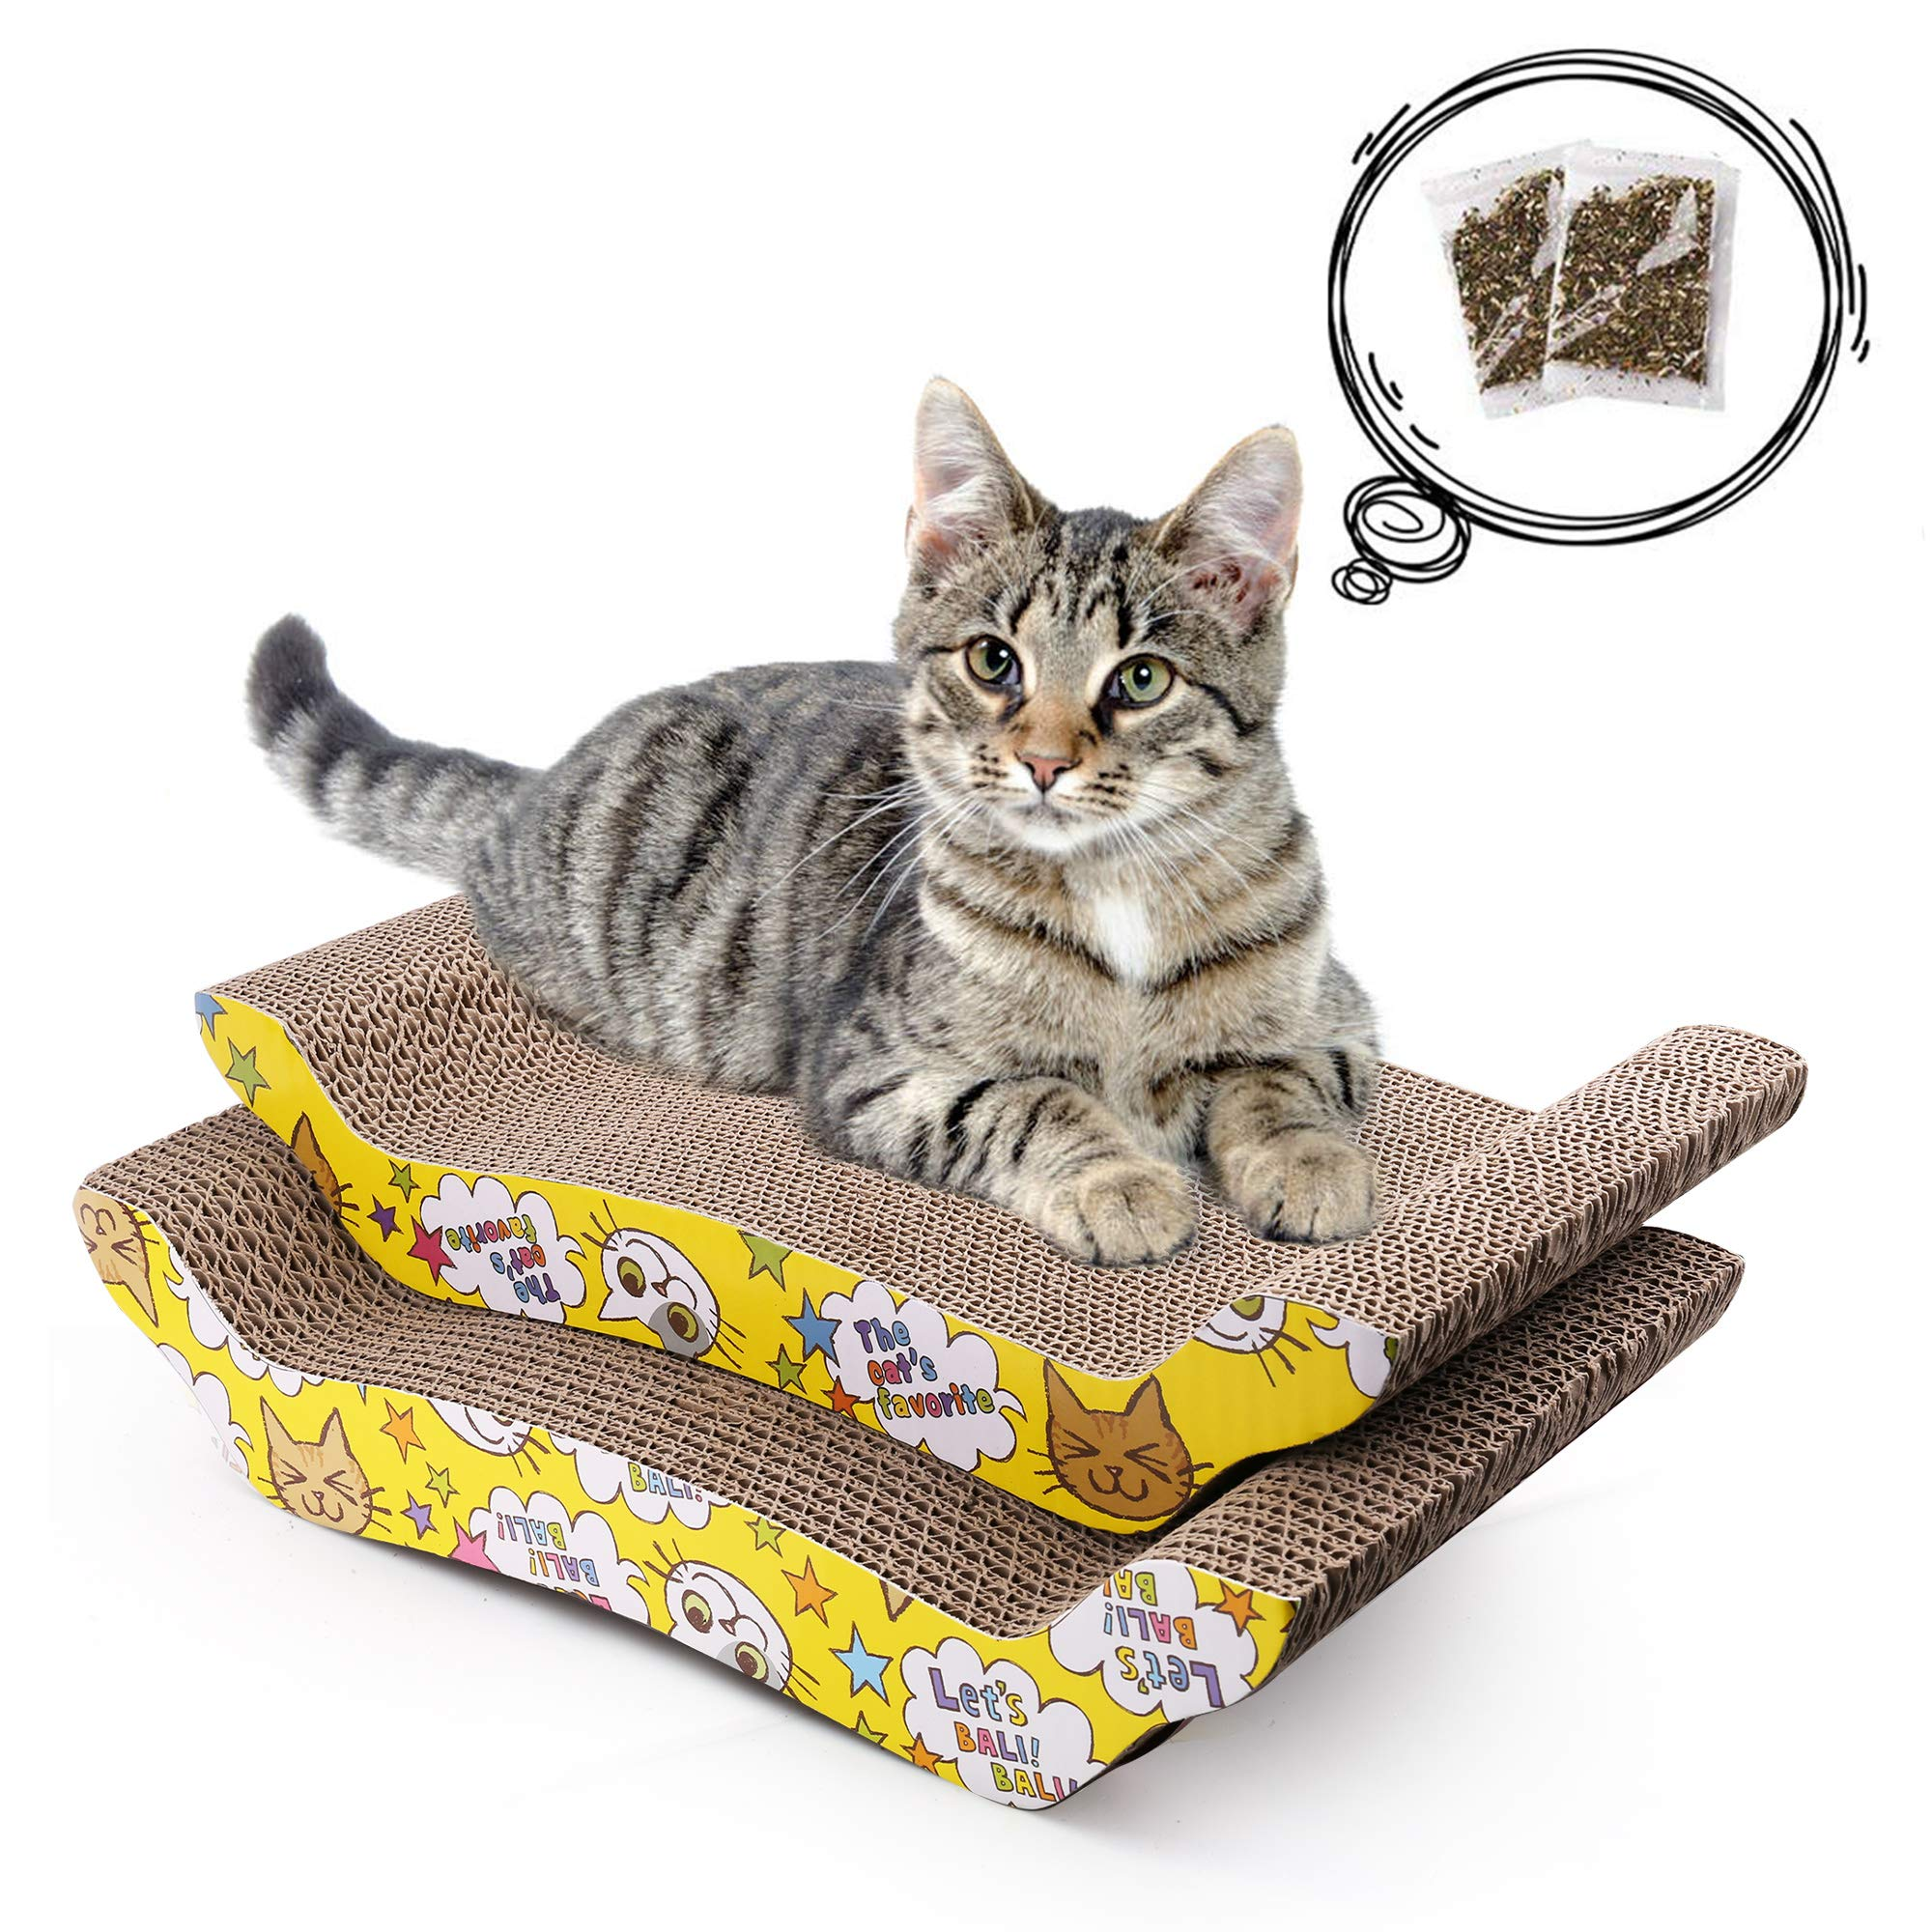 LotFancy 2PCS Rascadors para Gatos con Catnip para Cama y Sofá Almohadillas Rascadores para Gatos de Carton Reciclado Corrugado (20.5cm x 43cm): Amazon.es: Productos para mascotas